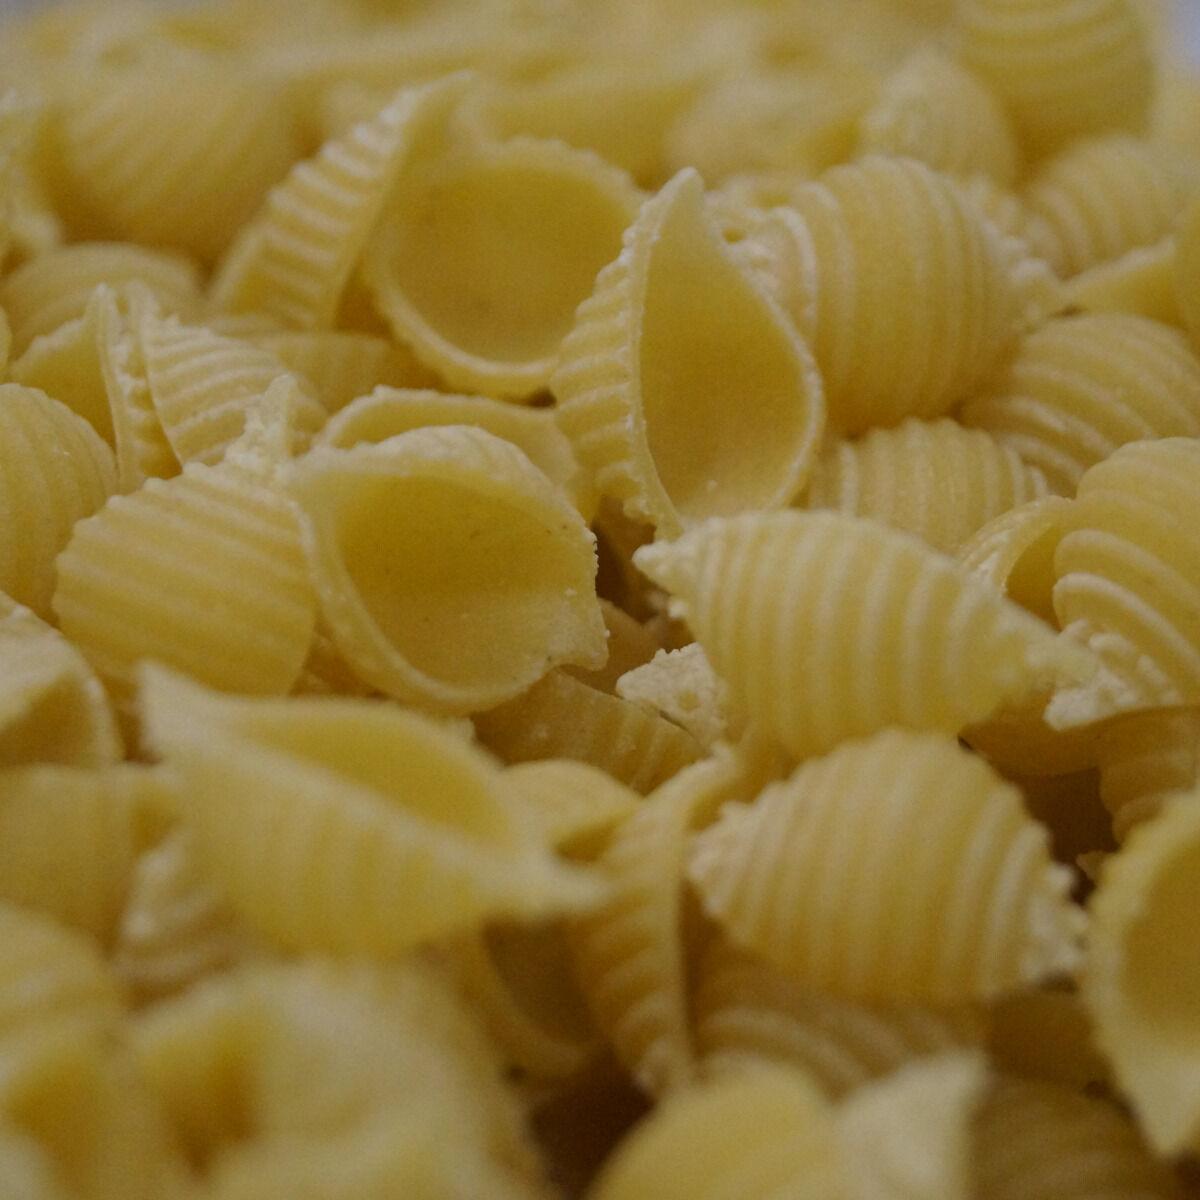 Lioravi, l'authentique pâte fraîche ! Colis de Pâtes Bio Conchiglie 3x250g